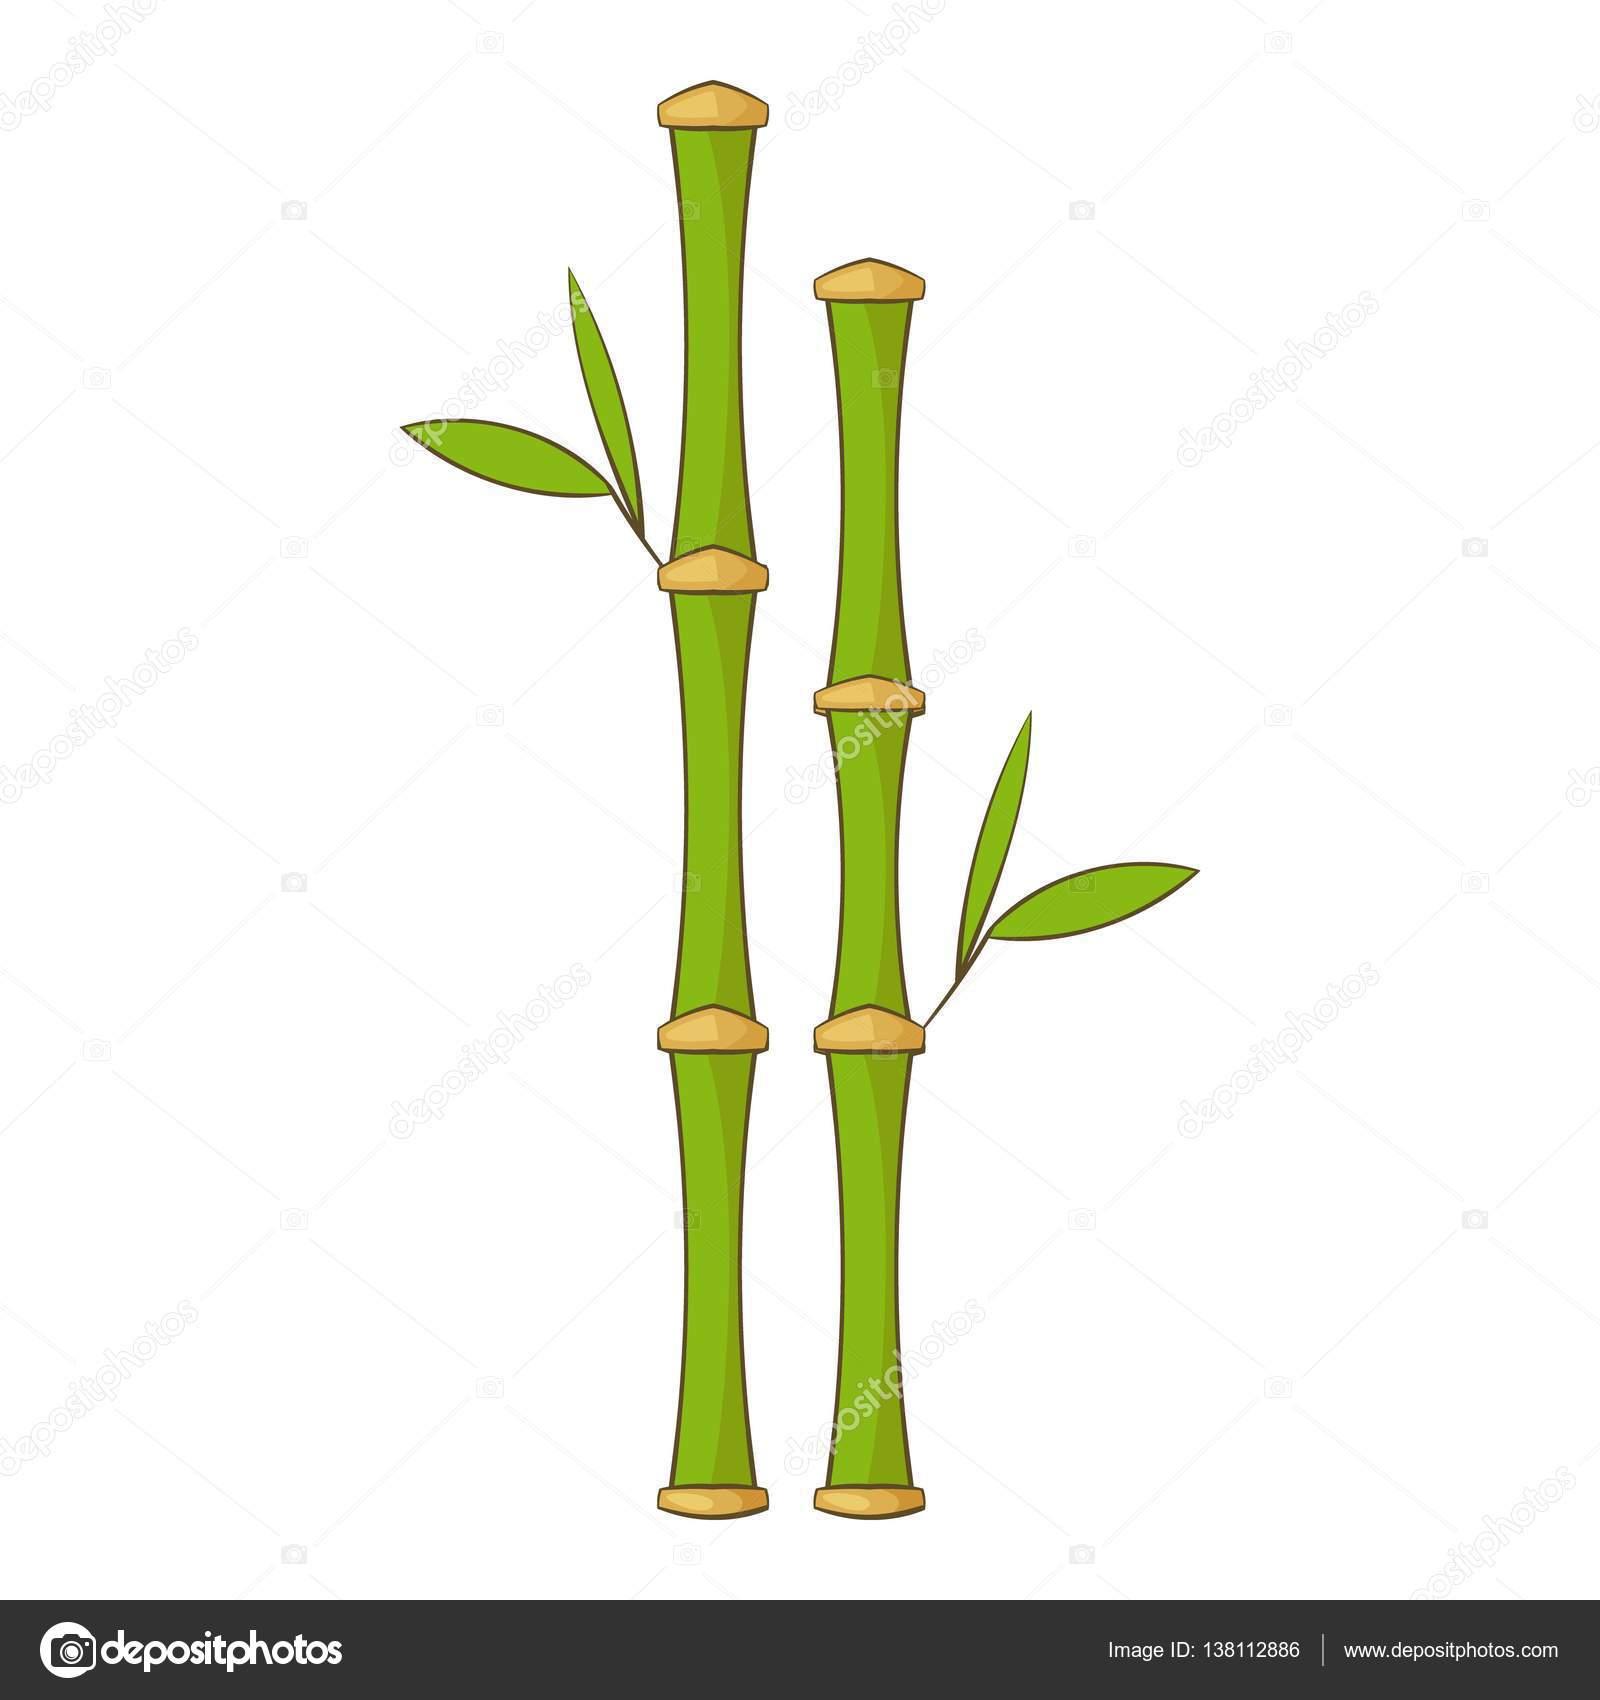 Zielony Bambus Pedy Ikona Stylu Cartoon Grafika Wektorowa